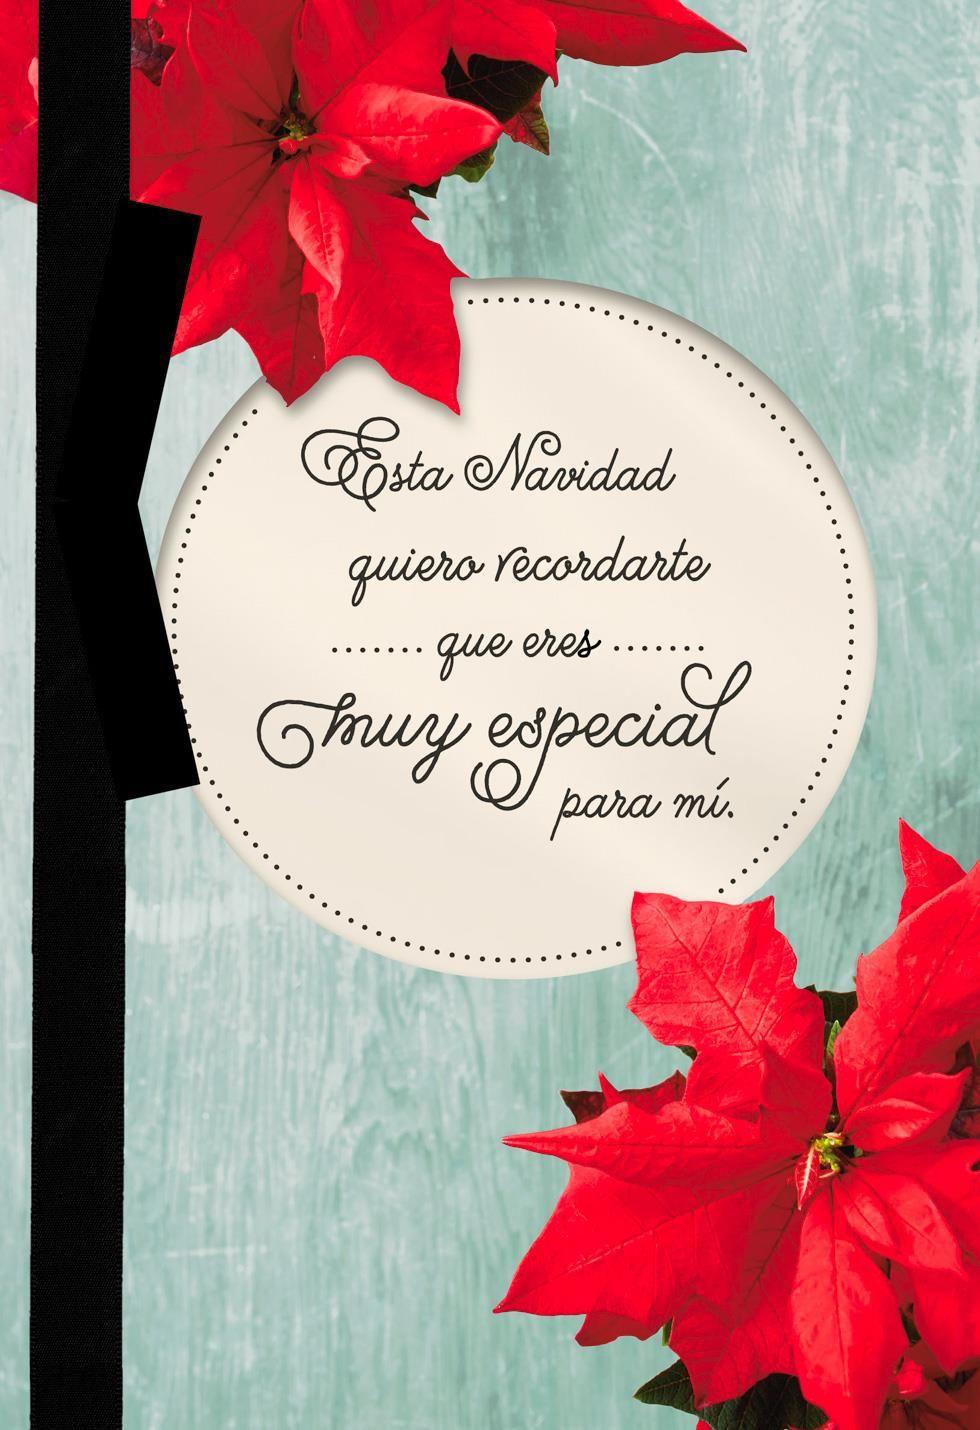 Poinsettias Spanish Language Christmas Card Christmas Cards Christmas Card Verses Business Christmas Cards